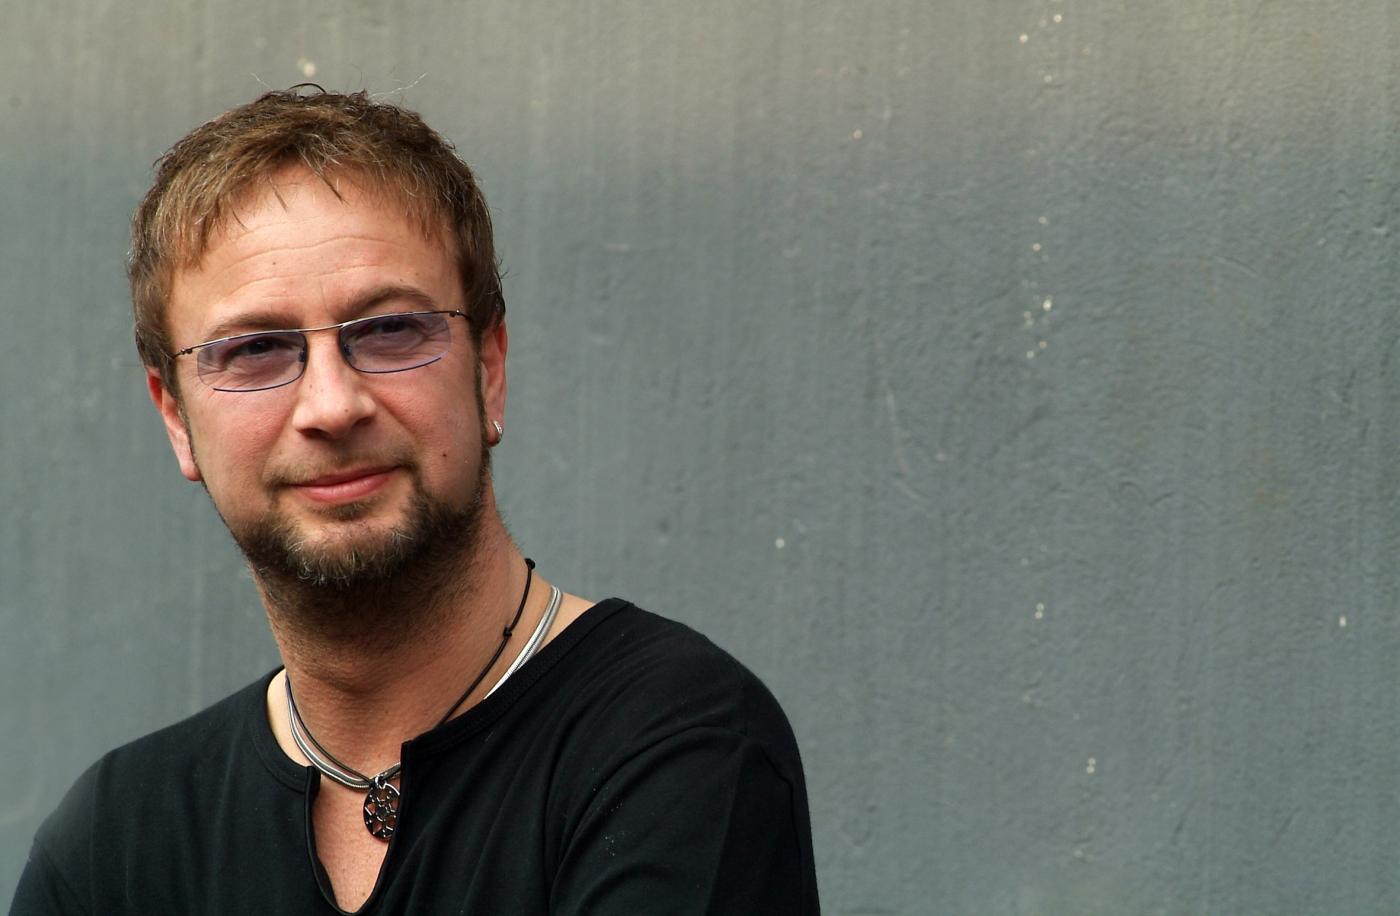 Marco Masini al Festival di Sanremo